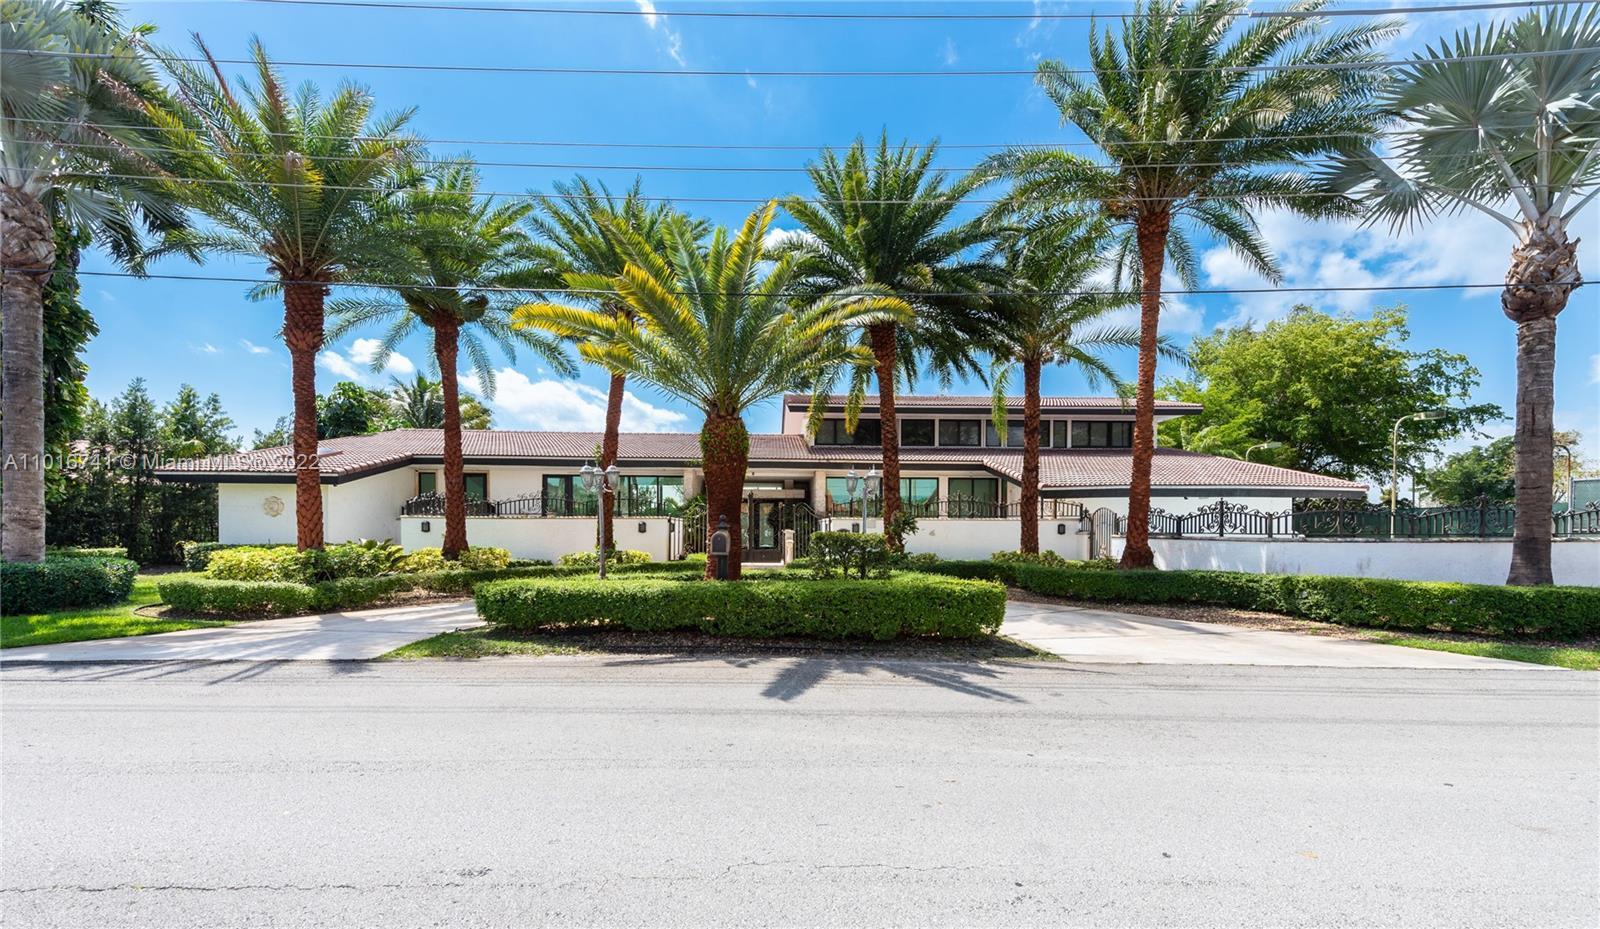 Country Club Of Miam - 6820 N Augusta Dr, Hialeah, FL 33015